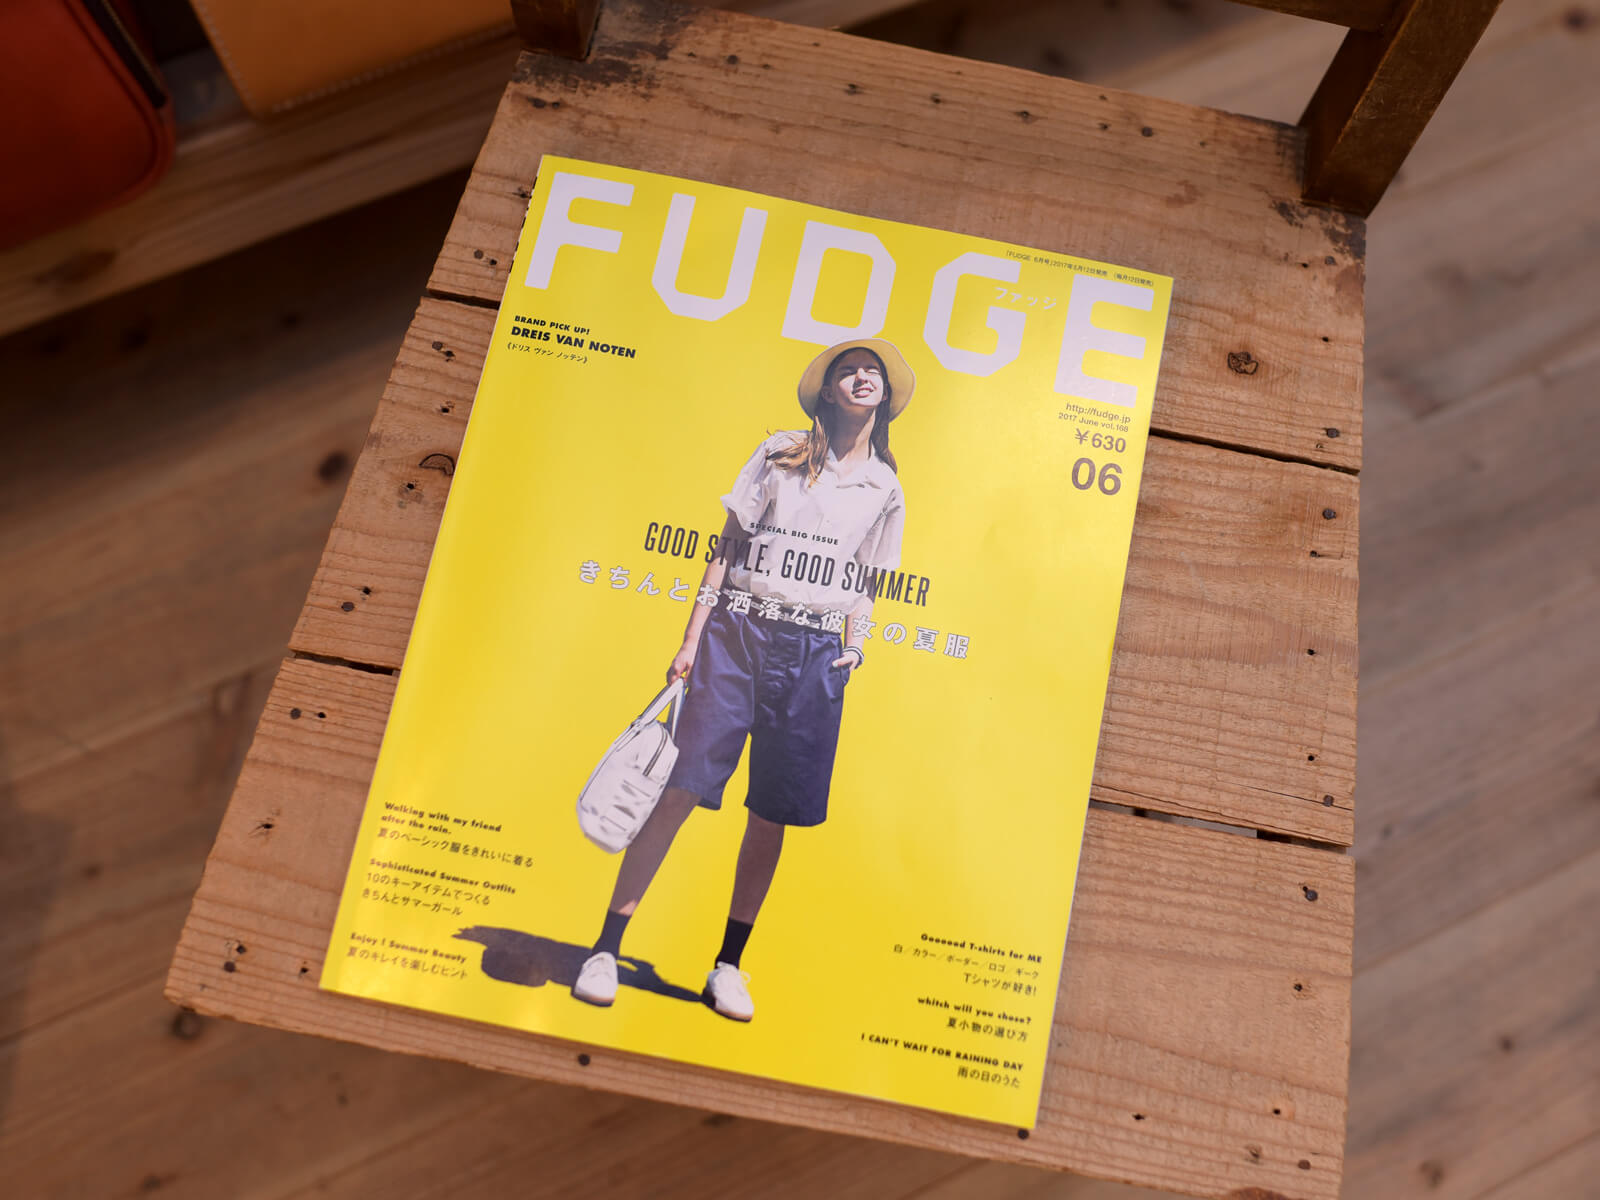 雑誌掲載のお知らせ「FUDGE ファッジ2017年6月号」